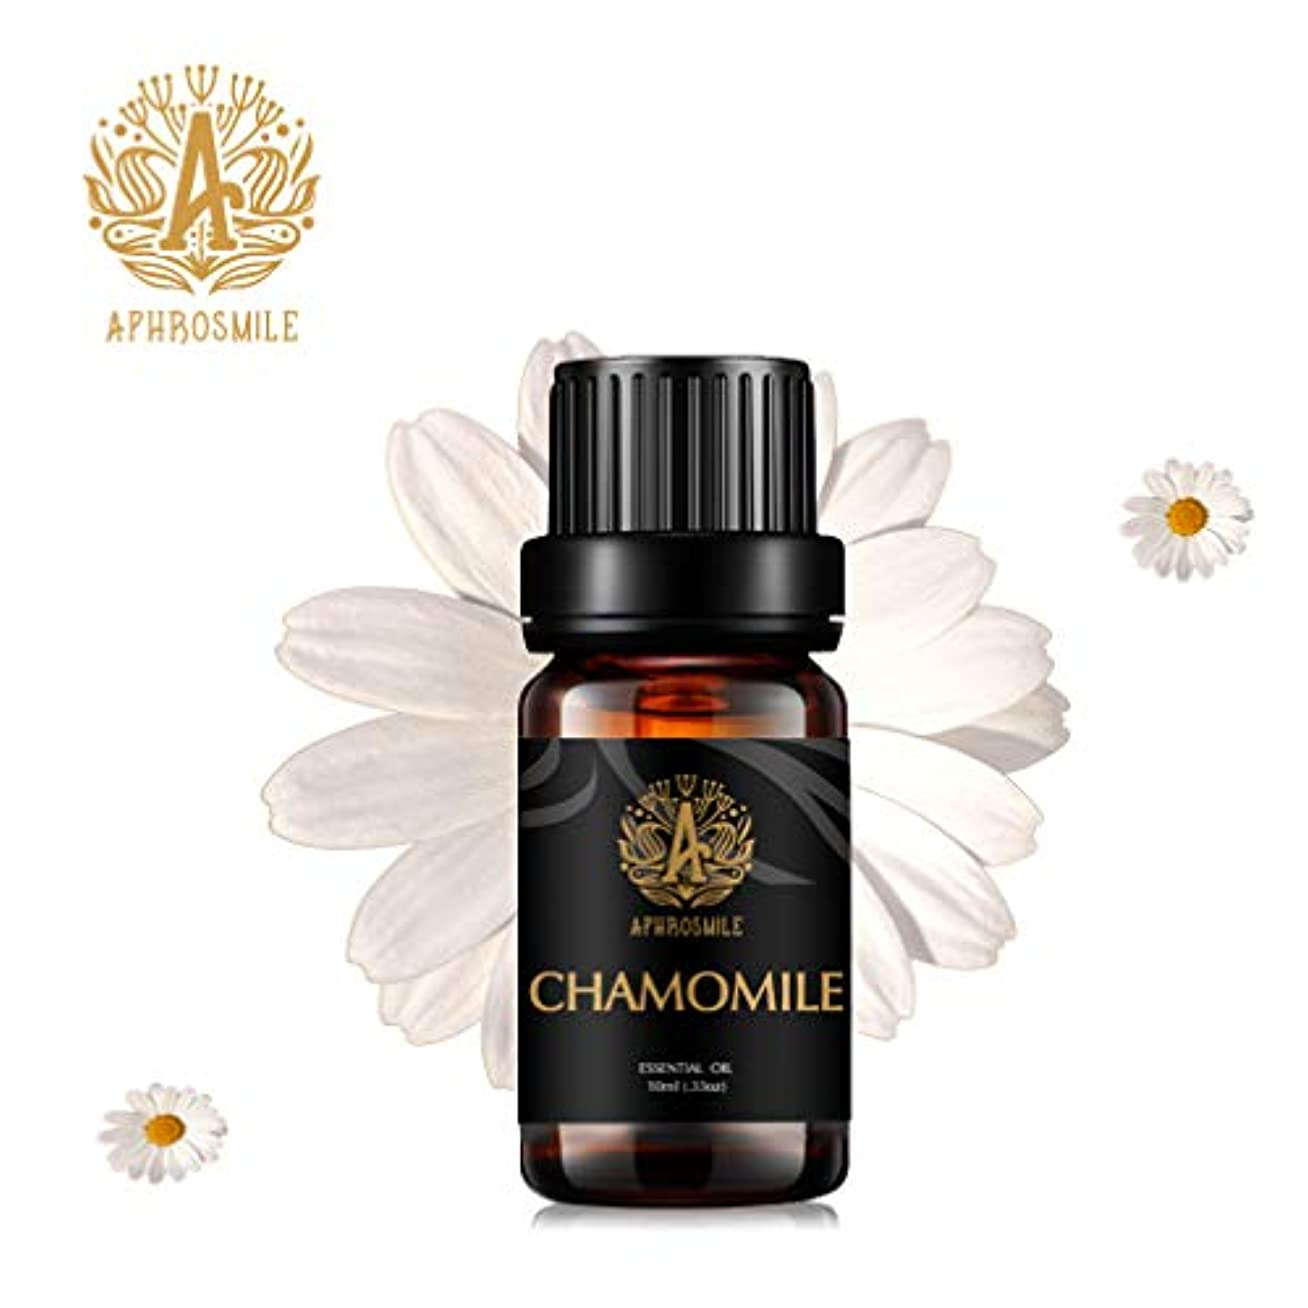 アルファベットスペシャリスト探すカモミールエッセンシャルオイル、100%純粋なアロマセラピーエッセンシャルオイルカモミールの香り、不安を和らげます、治療上の等級の精油のカモミールの芳香のために拡散器、マッサージ、加湿器、毎日の心配、0.33オンス-10ml